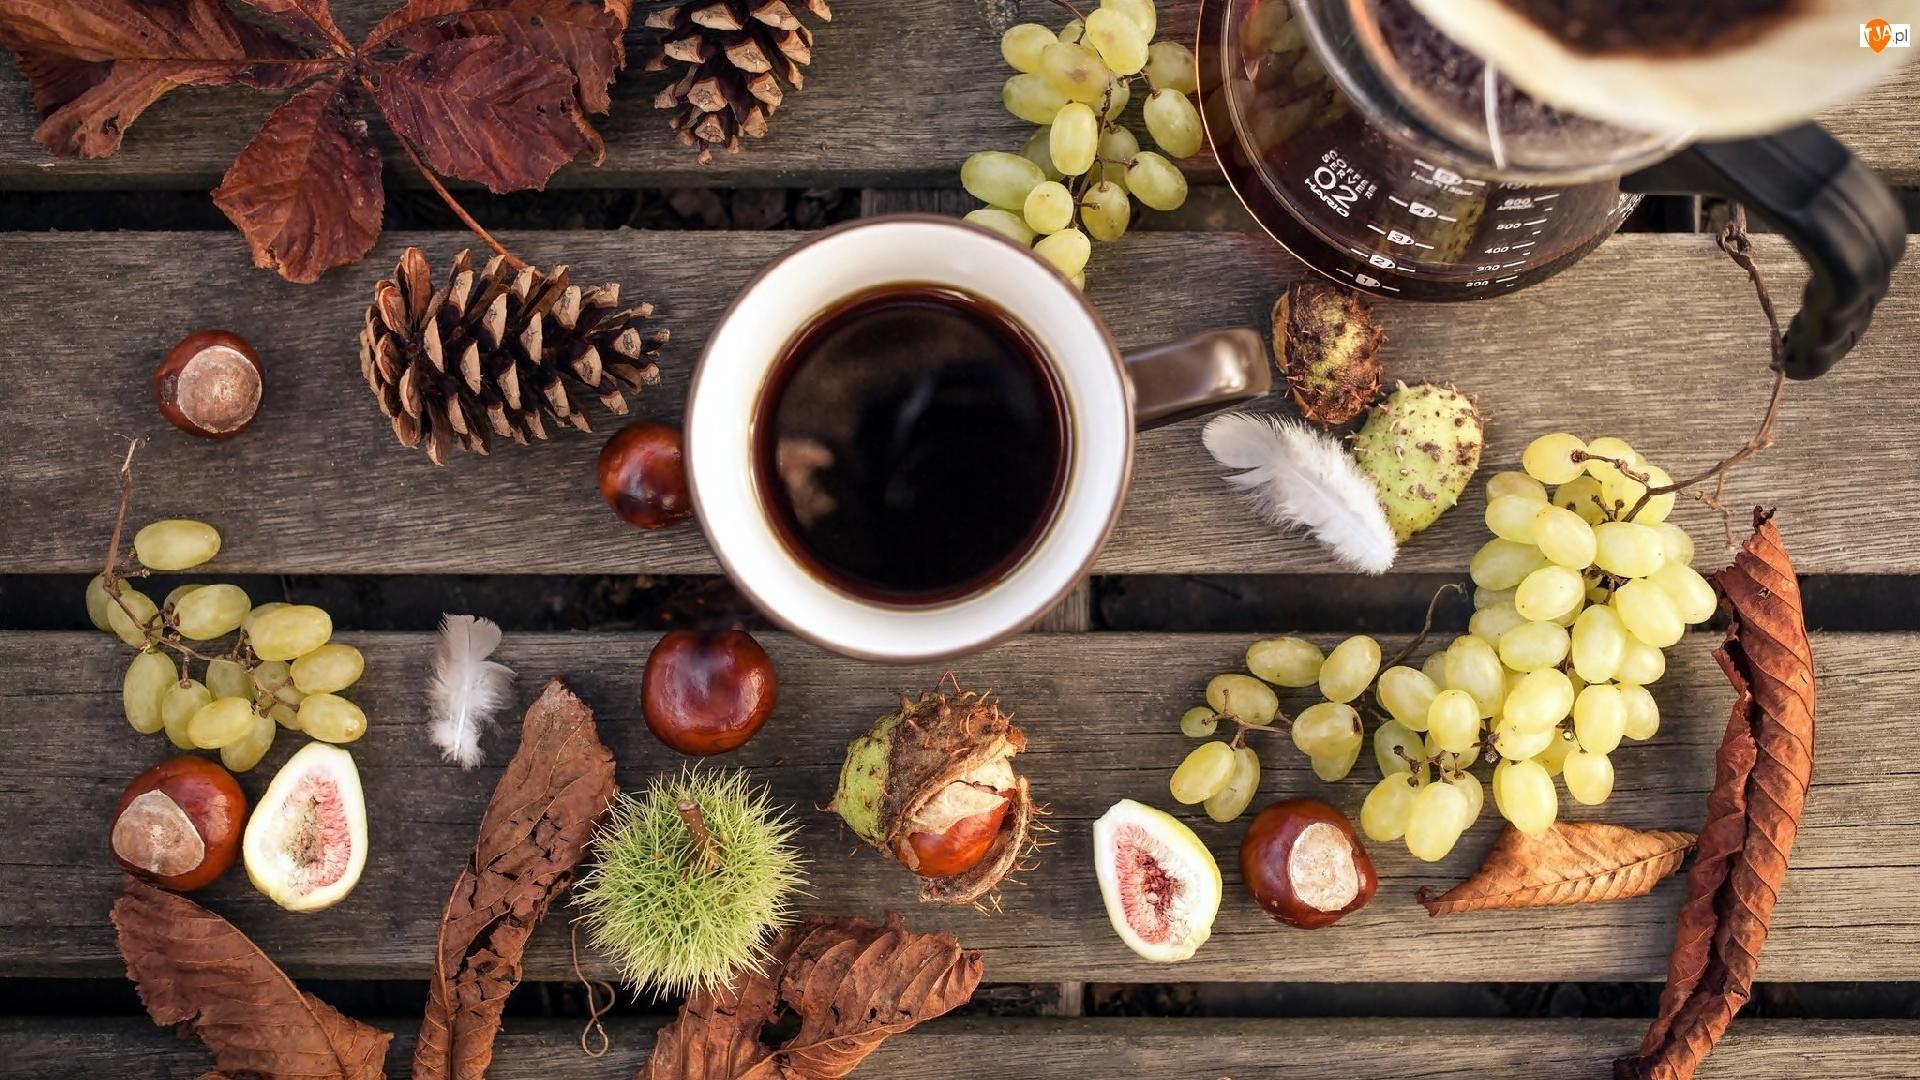 Ławka, Kawa, Winogrona, Jesienna, Kasztany, Liście, Kompozycja, Szyszki